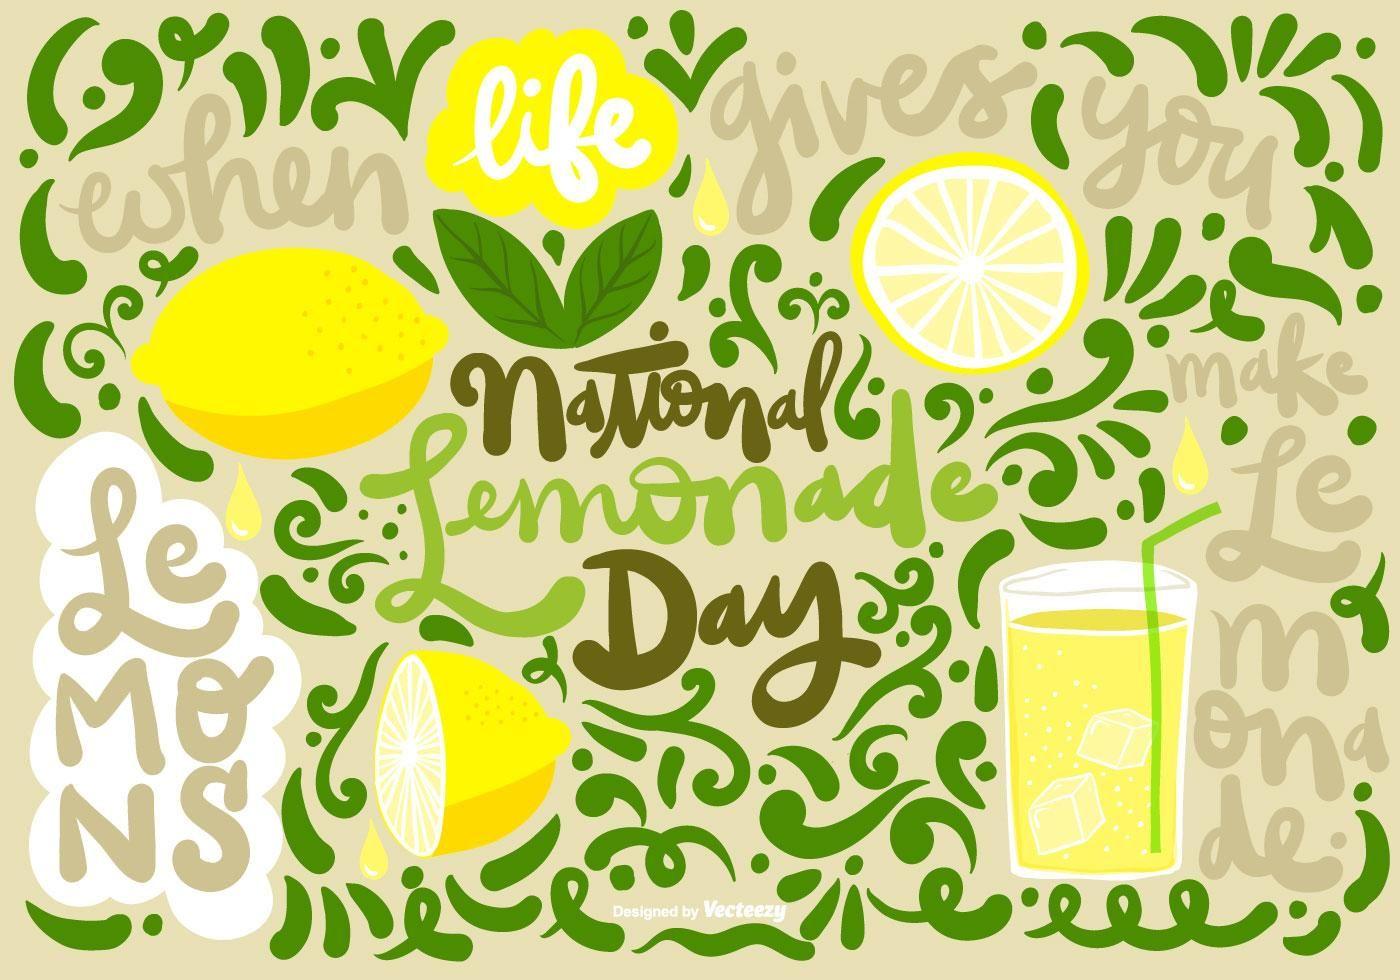 Nacional de limonada día vector   Logotipo de jugo ...